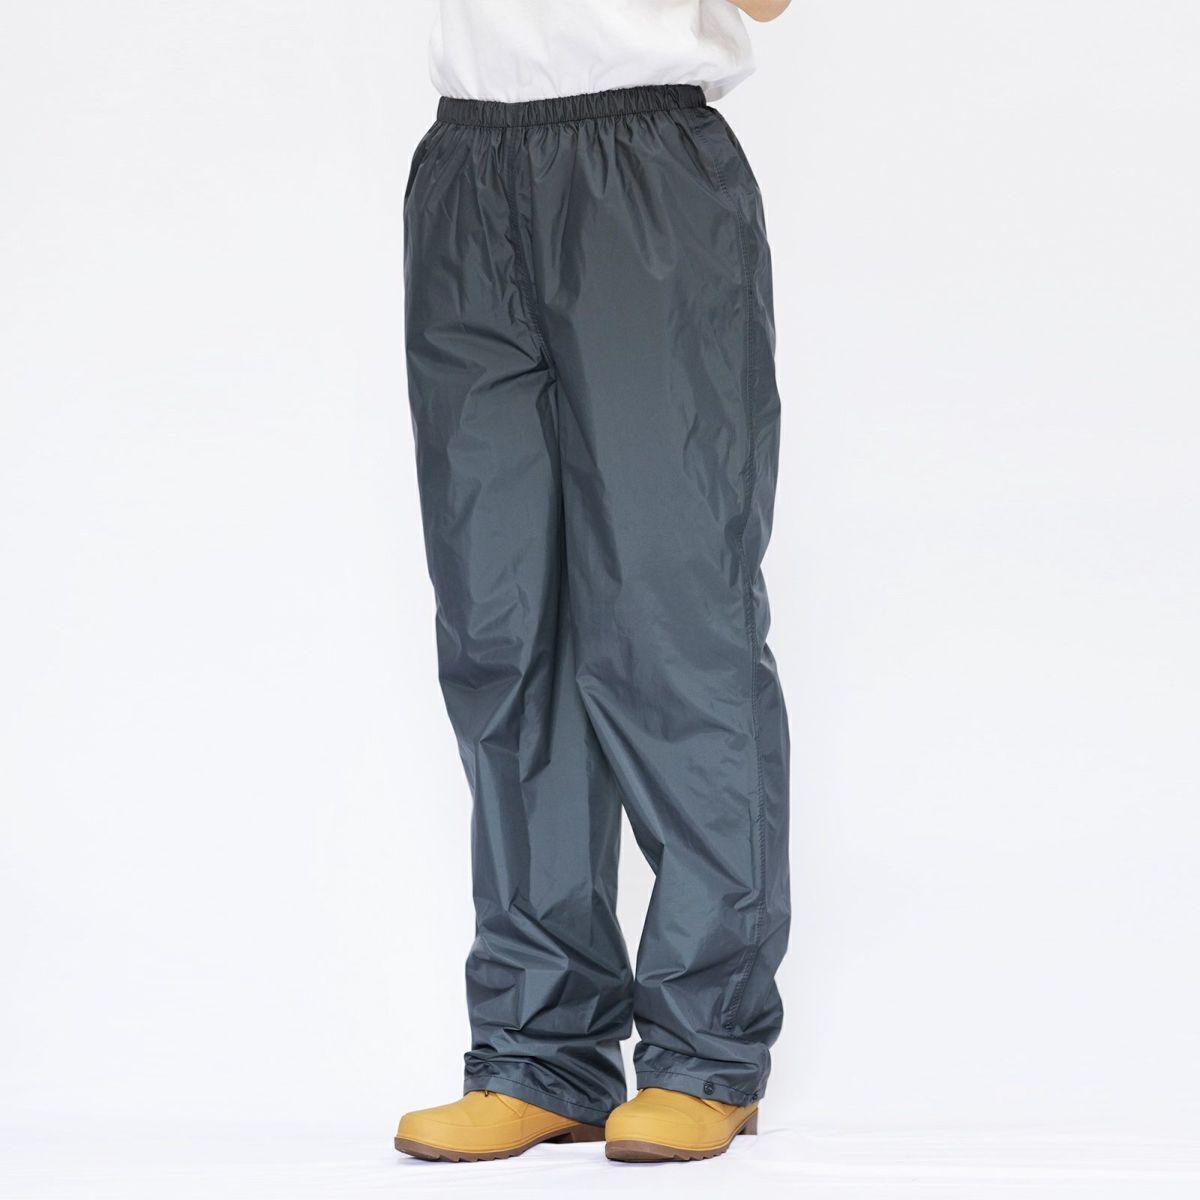 [女性モデルのサイズ]身長:168cm 着用サイズ:M /(長靴)6437 ピラルク レインブーツ